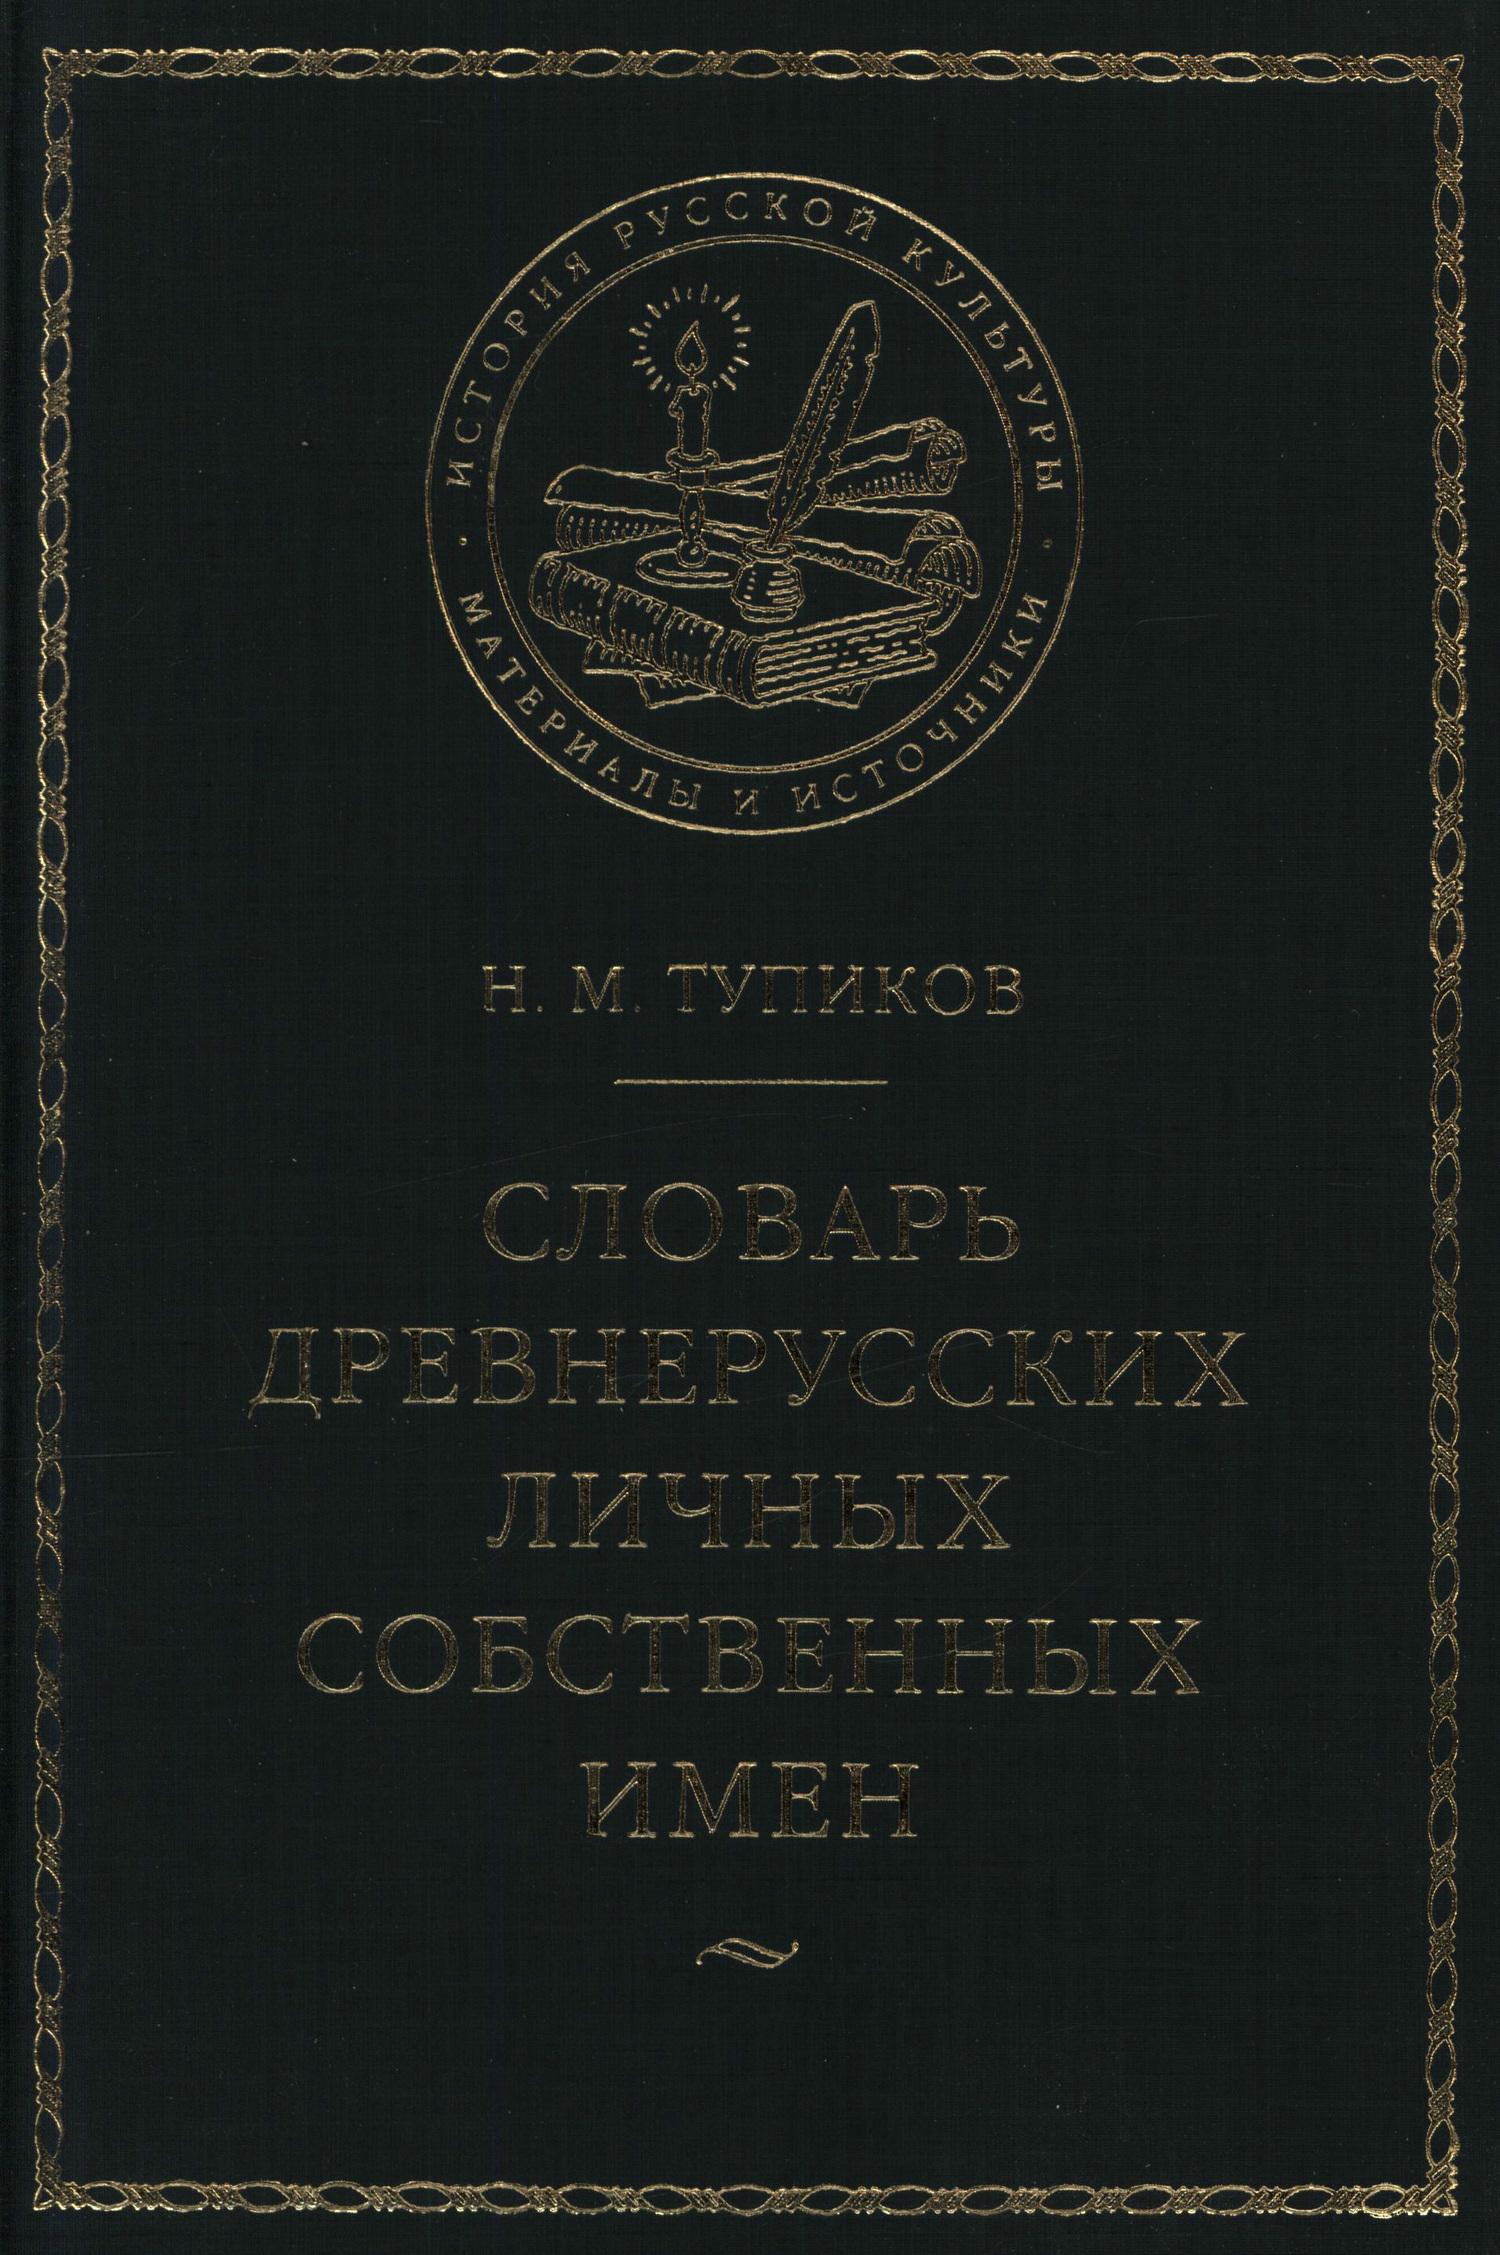 Н. М. Тупиков. Словарь древнерусских личных собственных имен